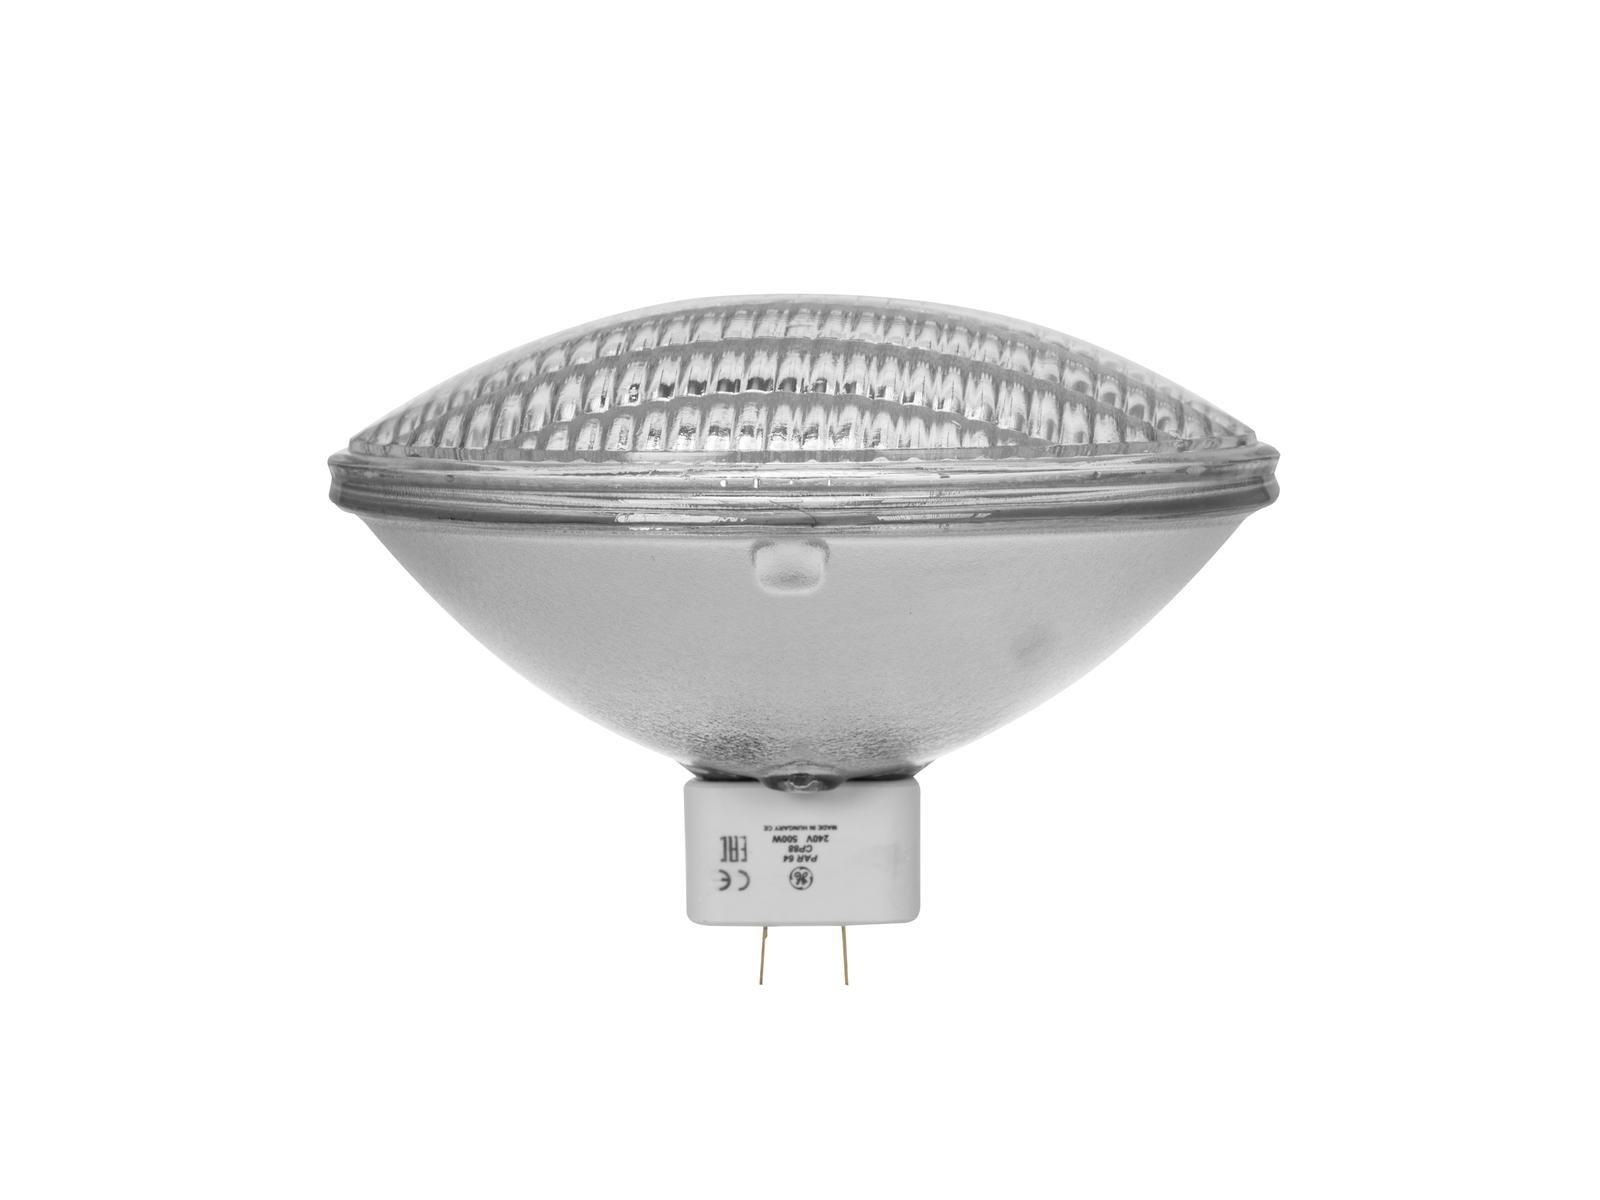 Lampada Faro GE CP88 PAR-64/240V 500W MFL 300h 3200 K,